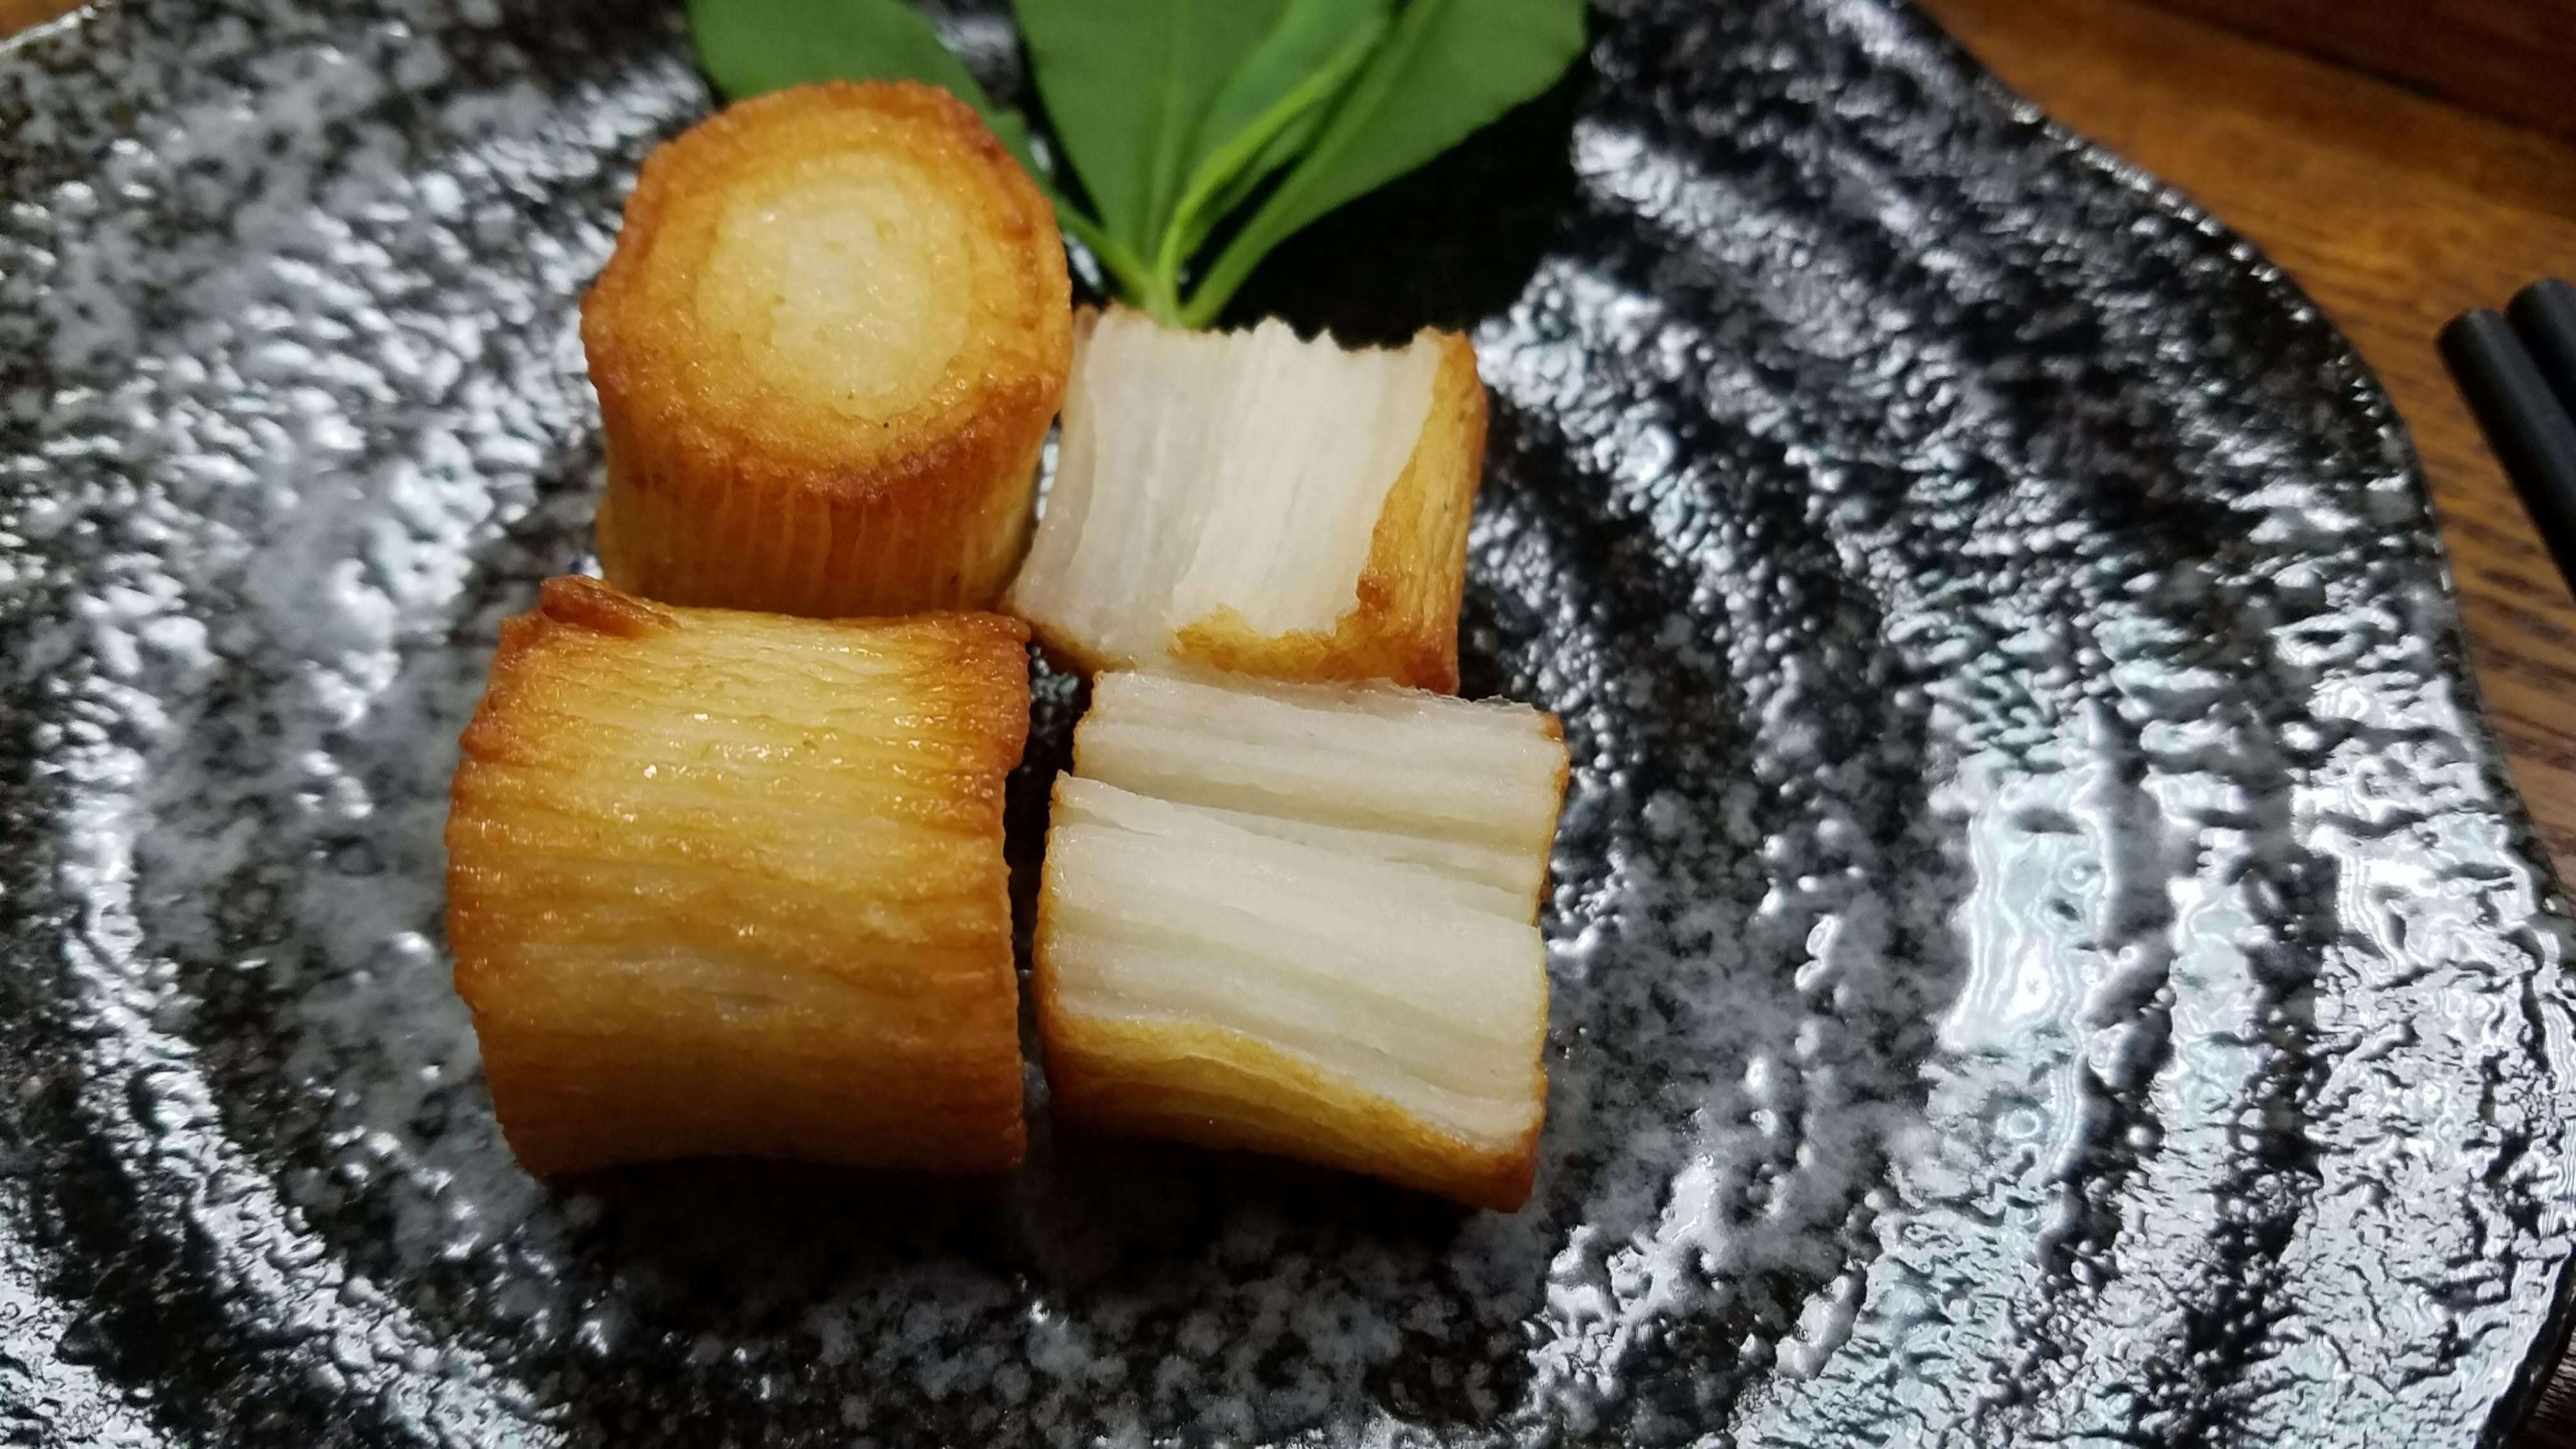 炸干貝風味揚(日本)-【利津食品行】火鍋料 關東煮 干貝 炸物 冷凍食品